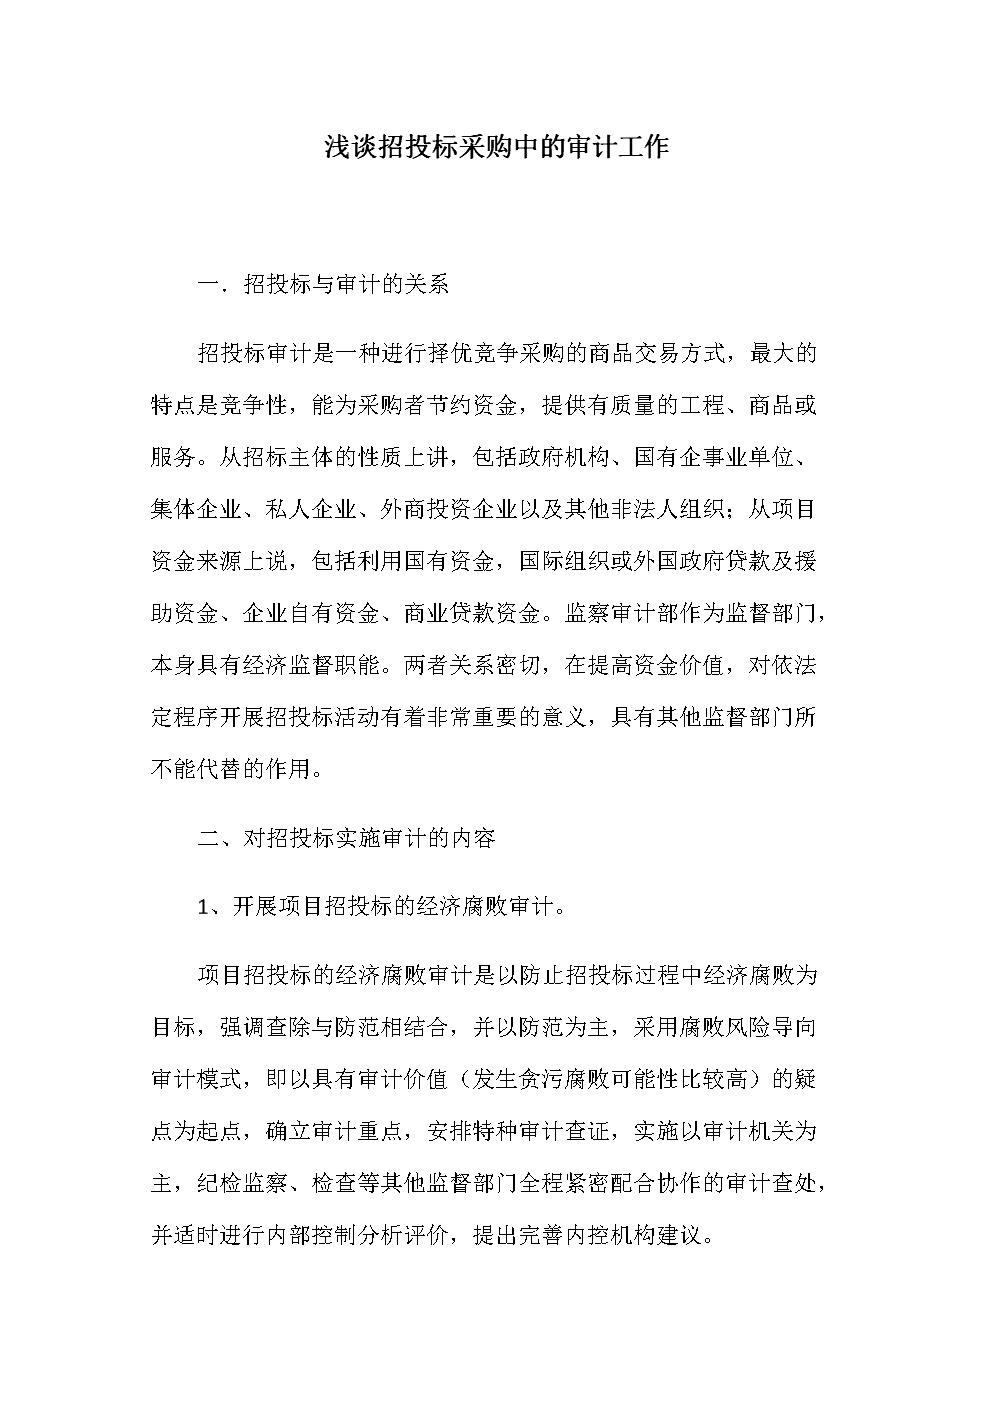 浅谈招投标采购中的审计工作.doc